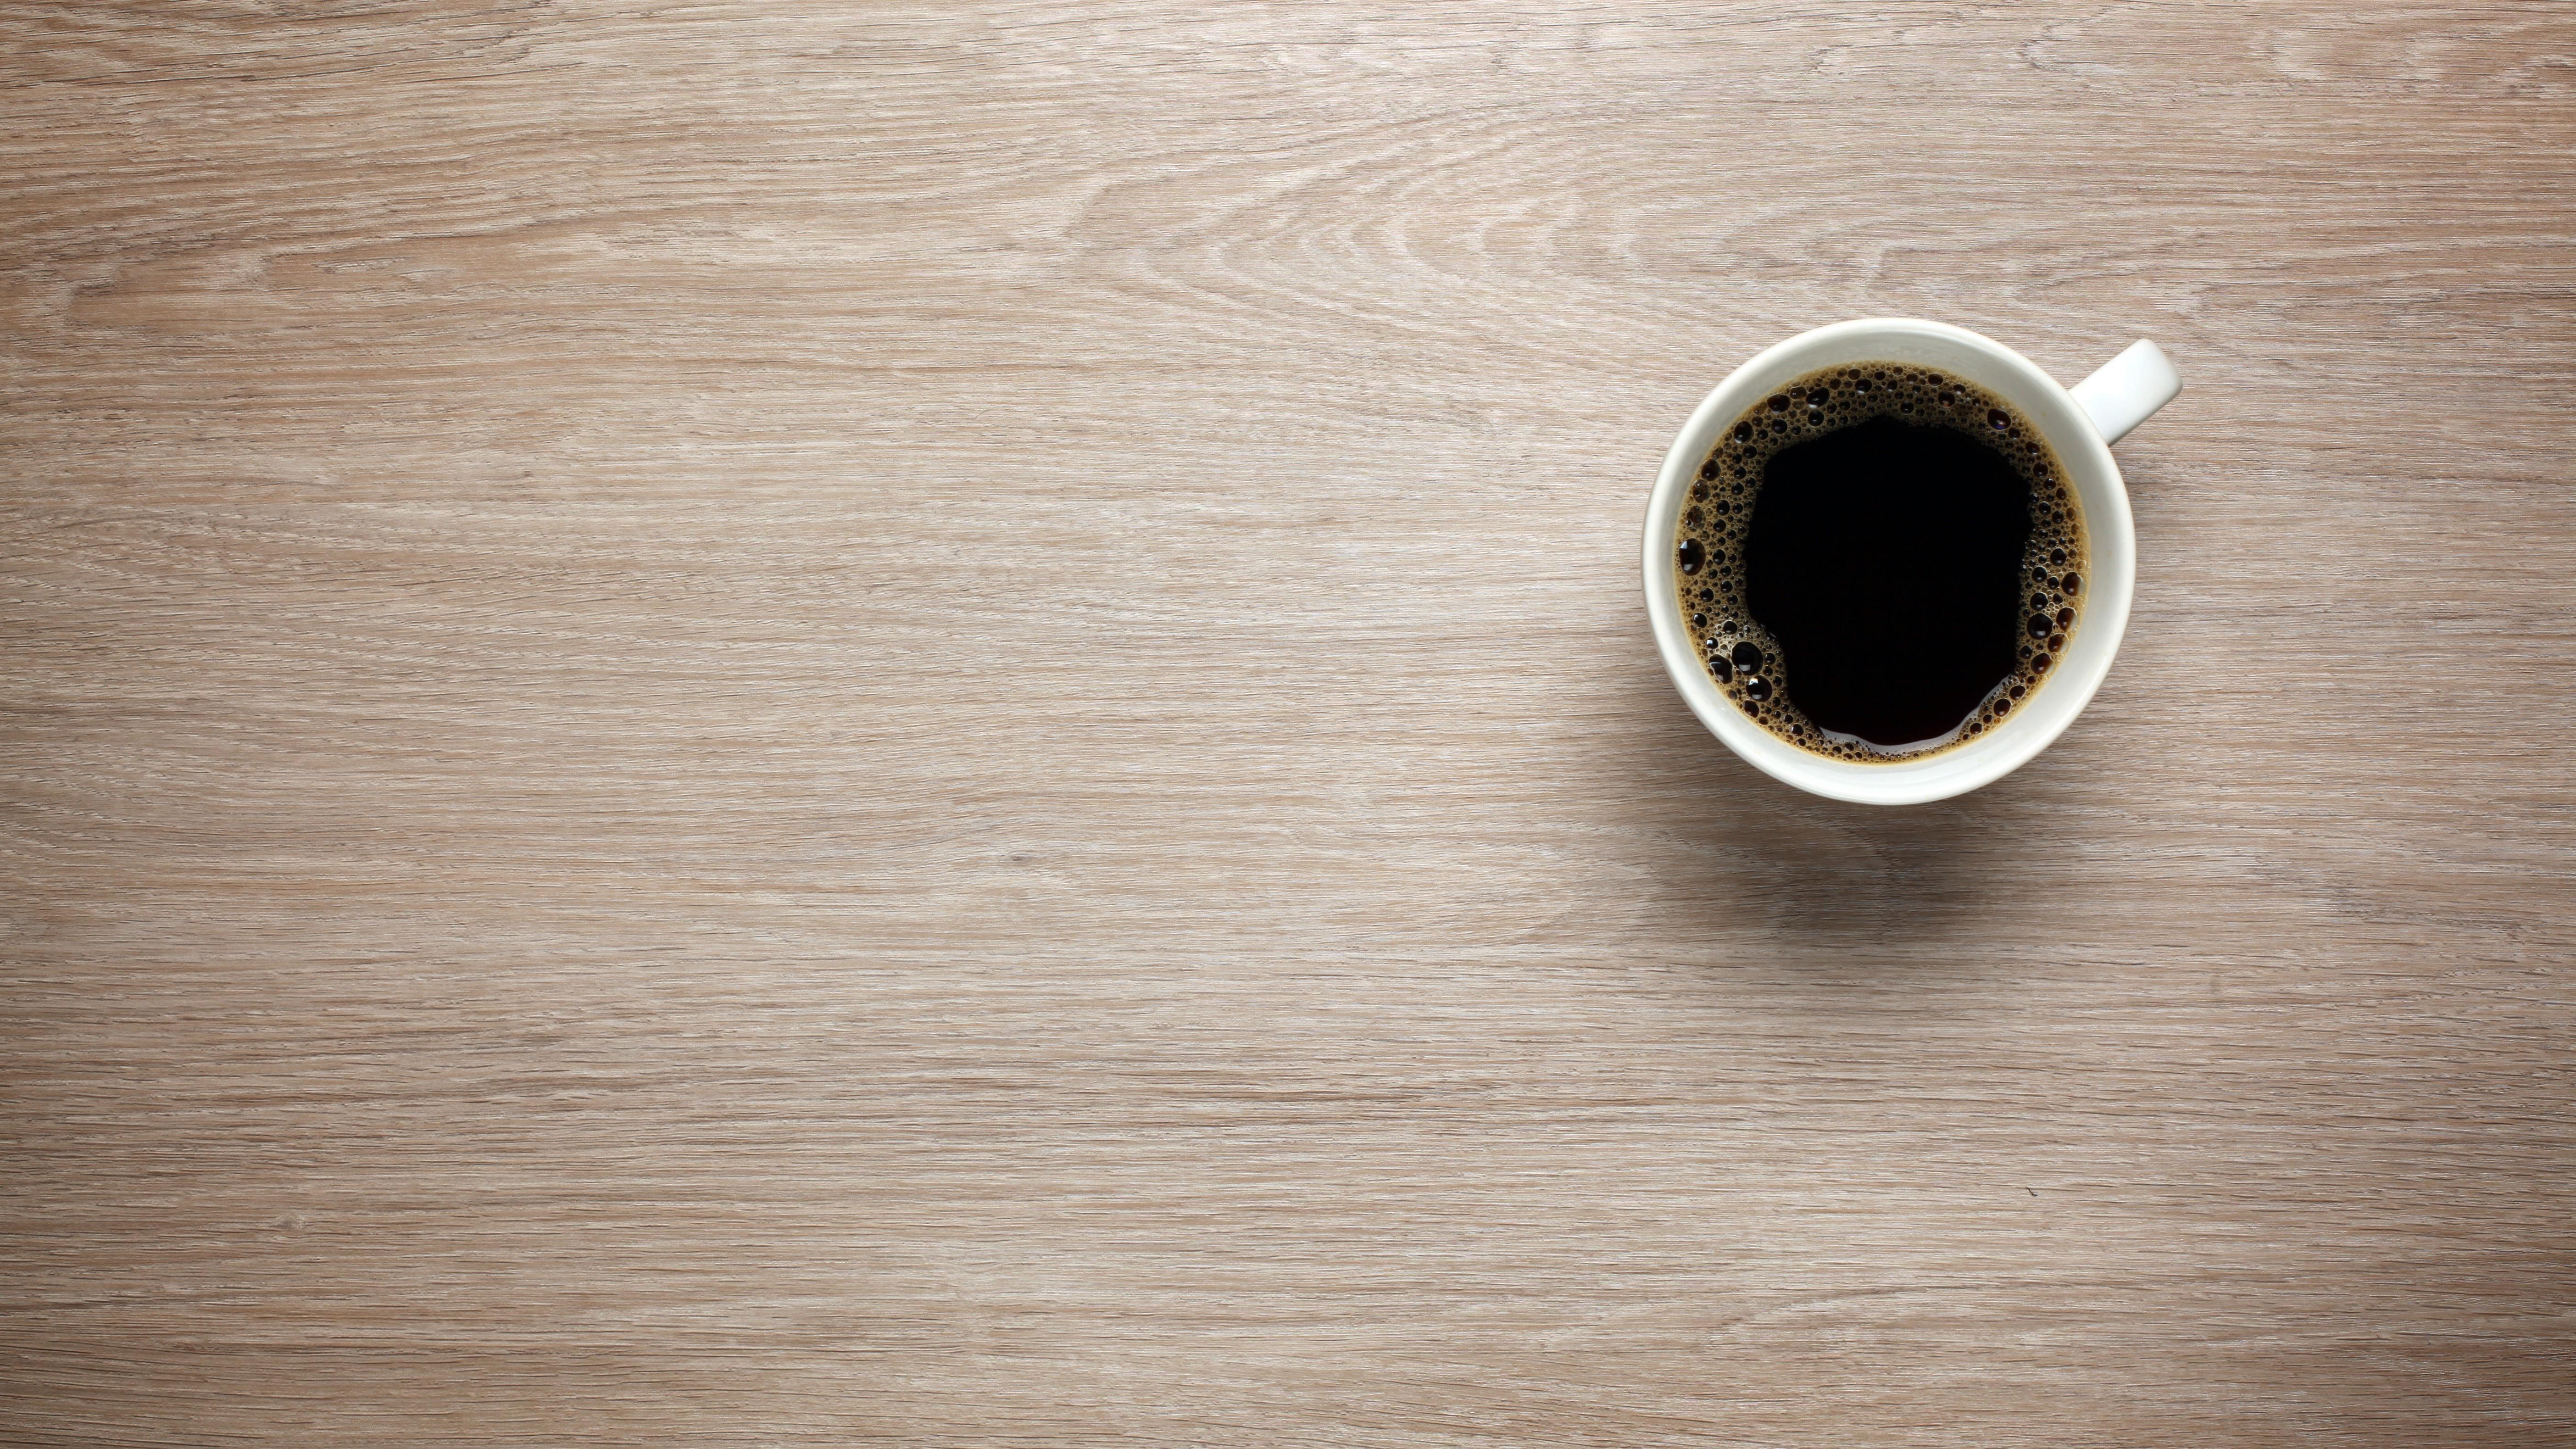 Uma xícara de café pode proporcionar um momento de Deus